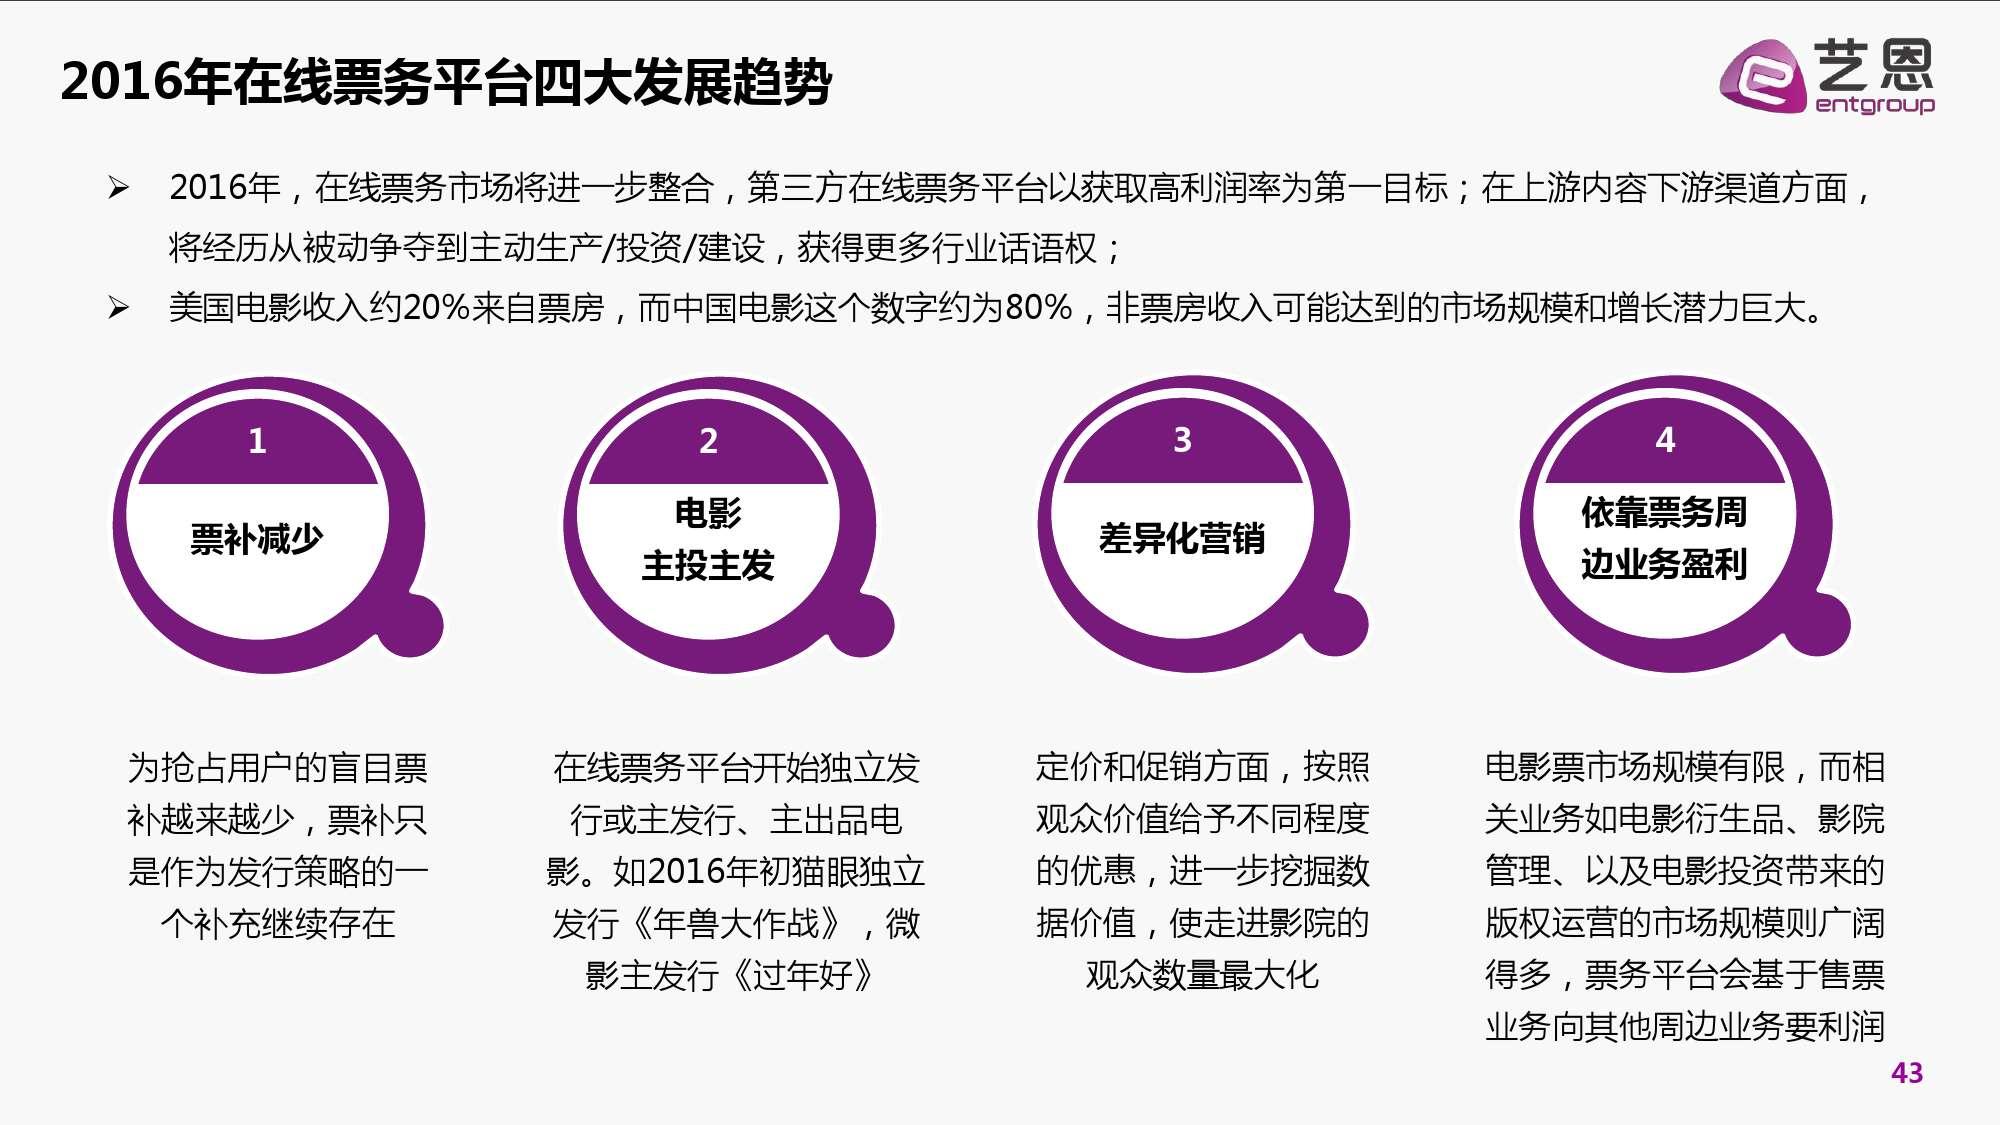 2016年中国电影在线票务市场研究报告_000042